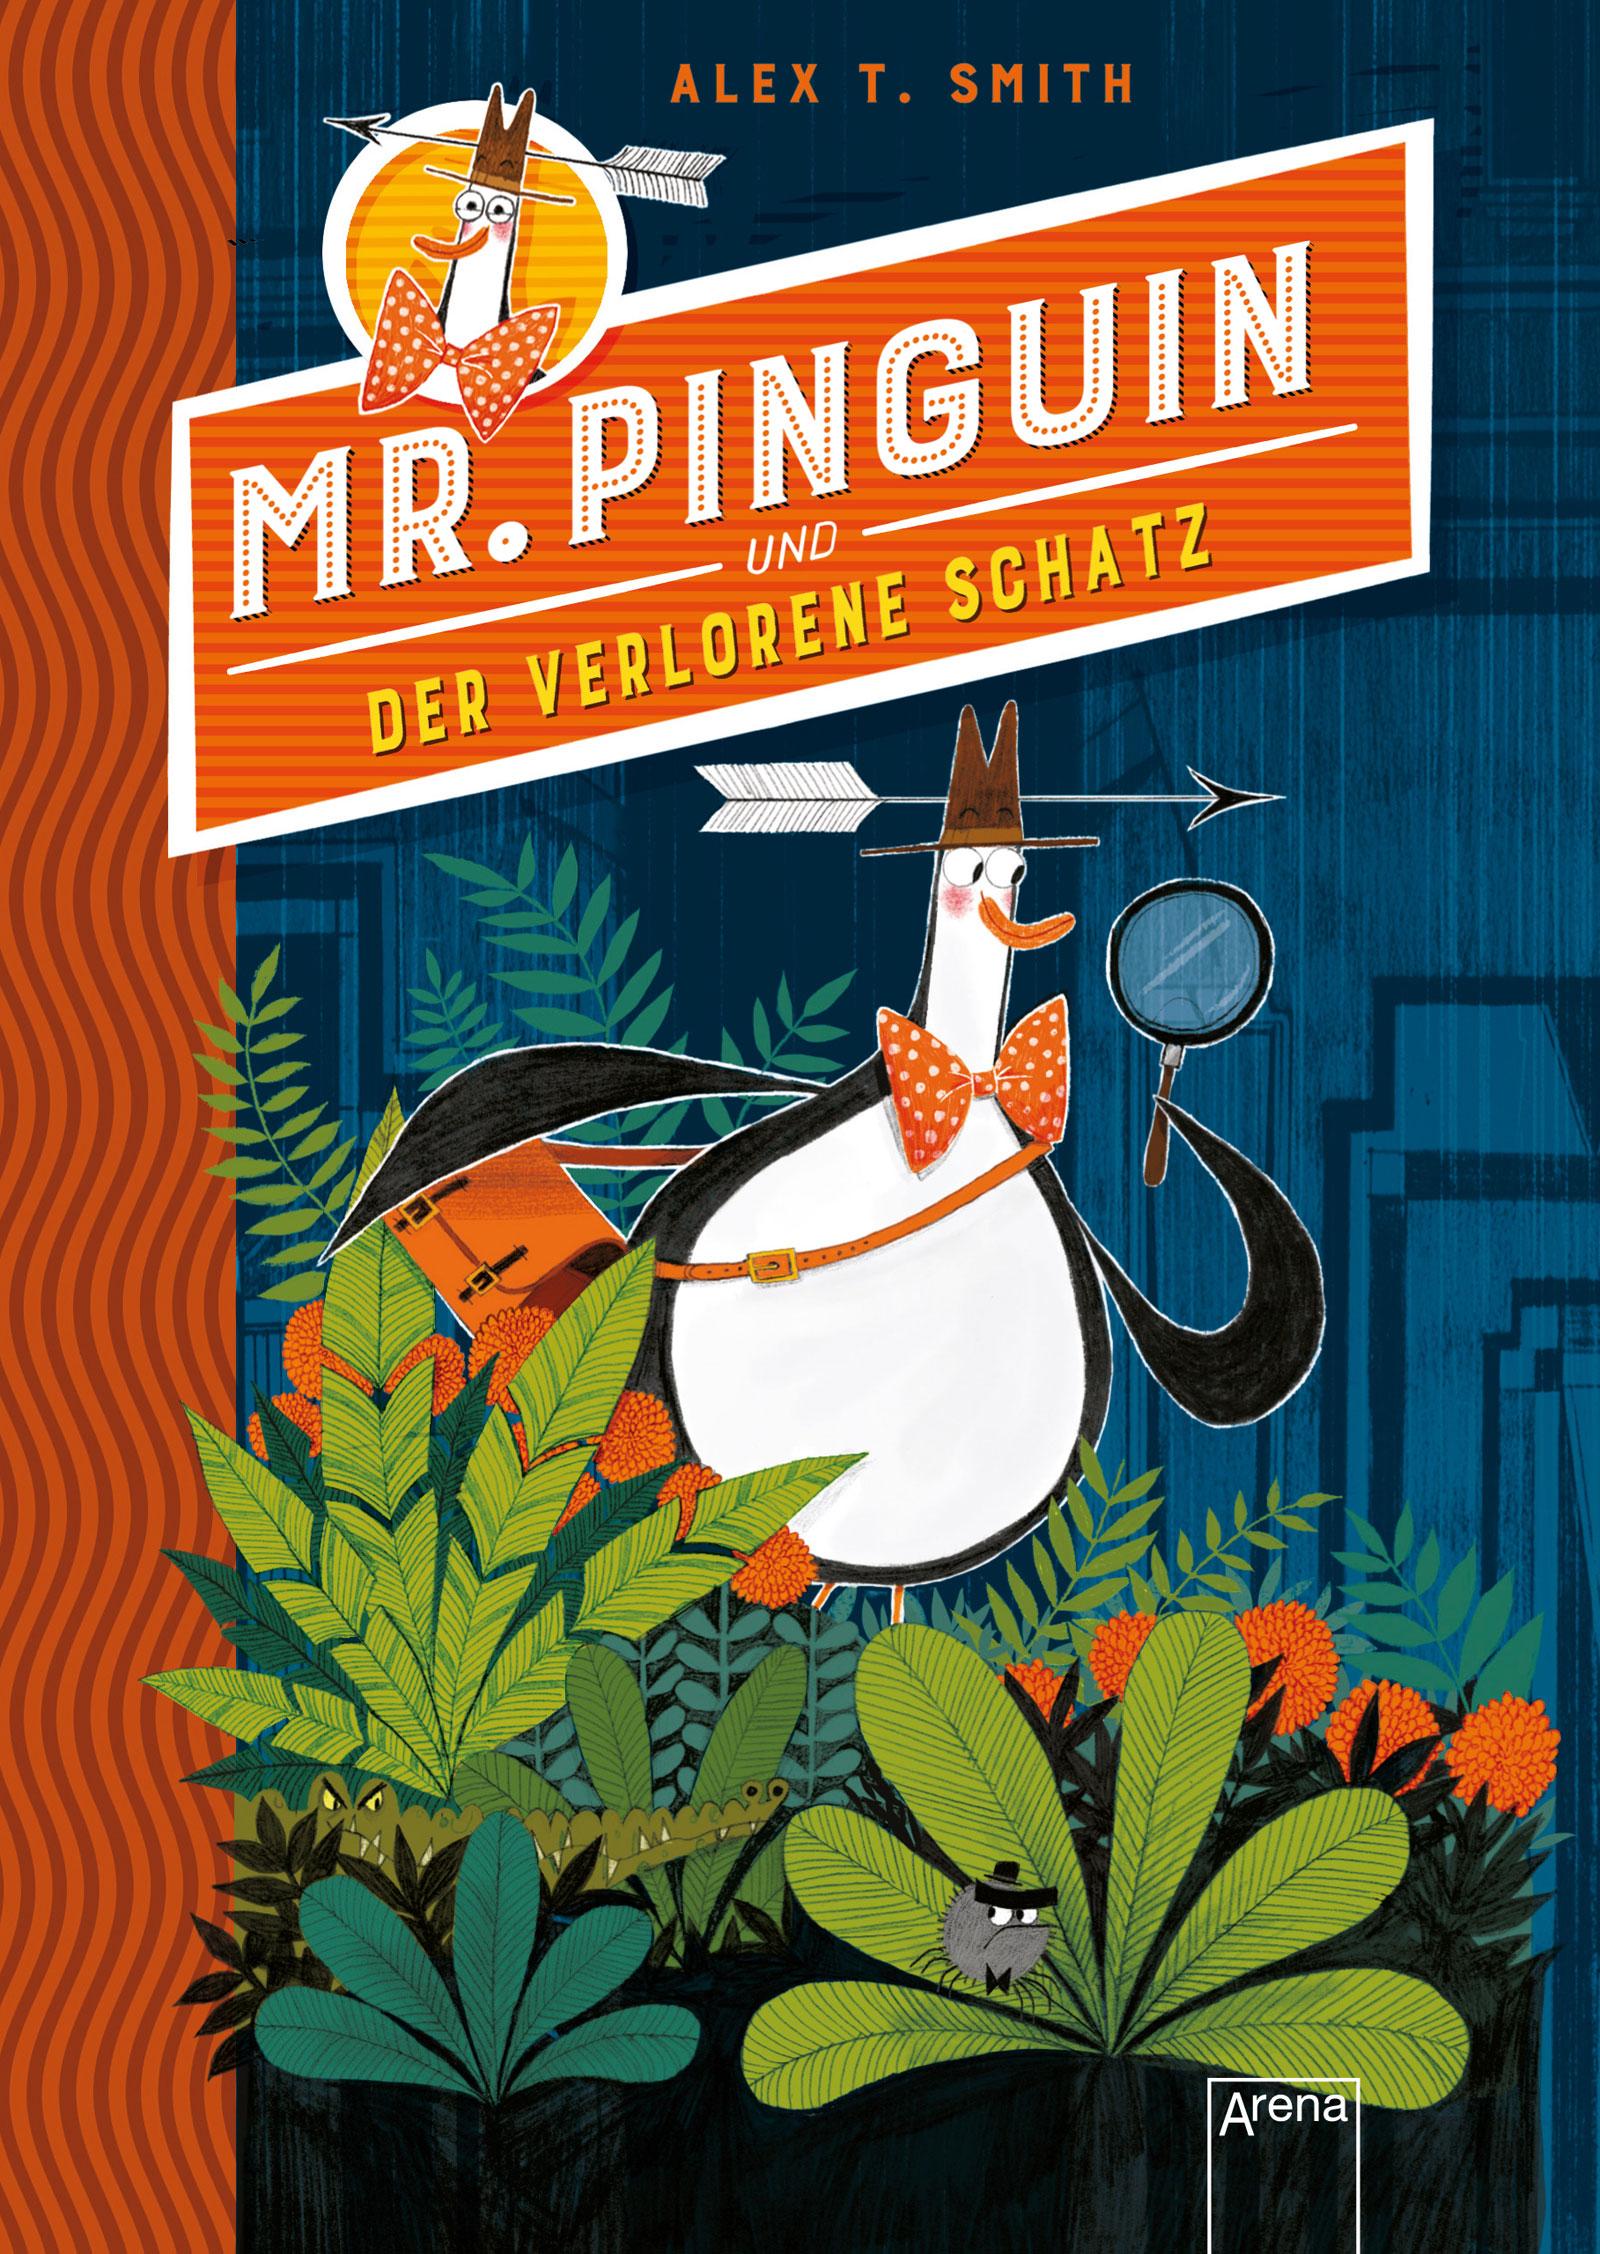 »MR. PINGUIN (1) UND DER VERLORENE SCHATZ« — ARENA